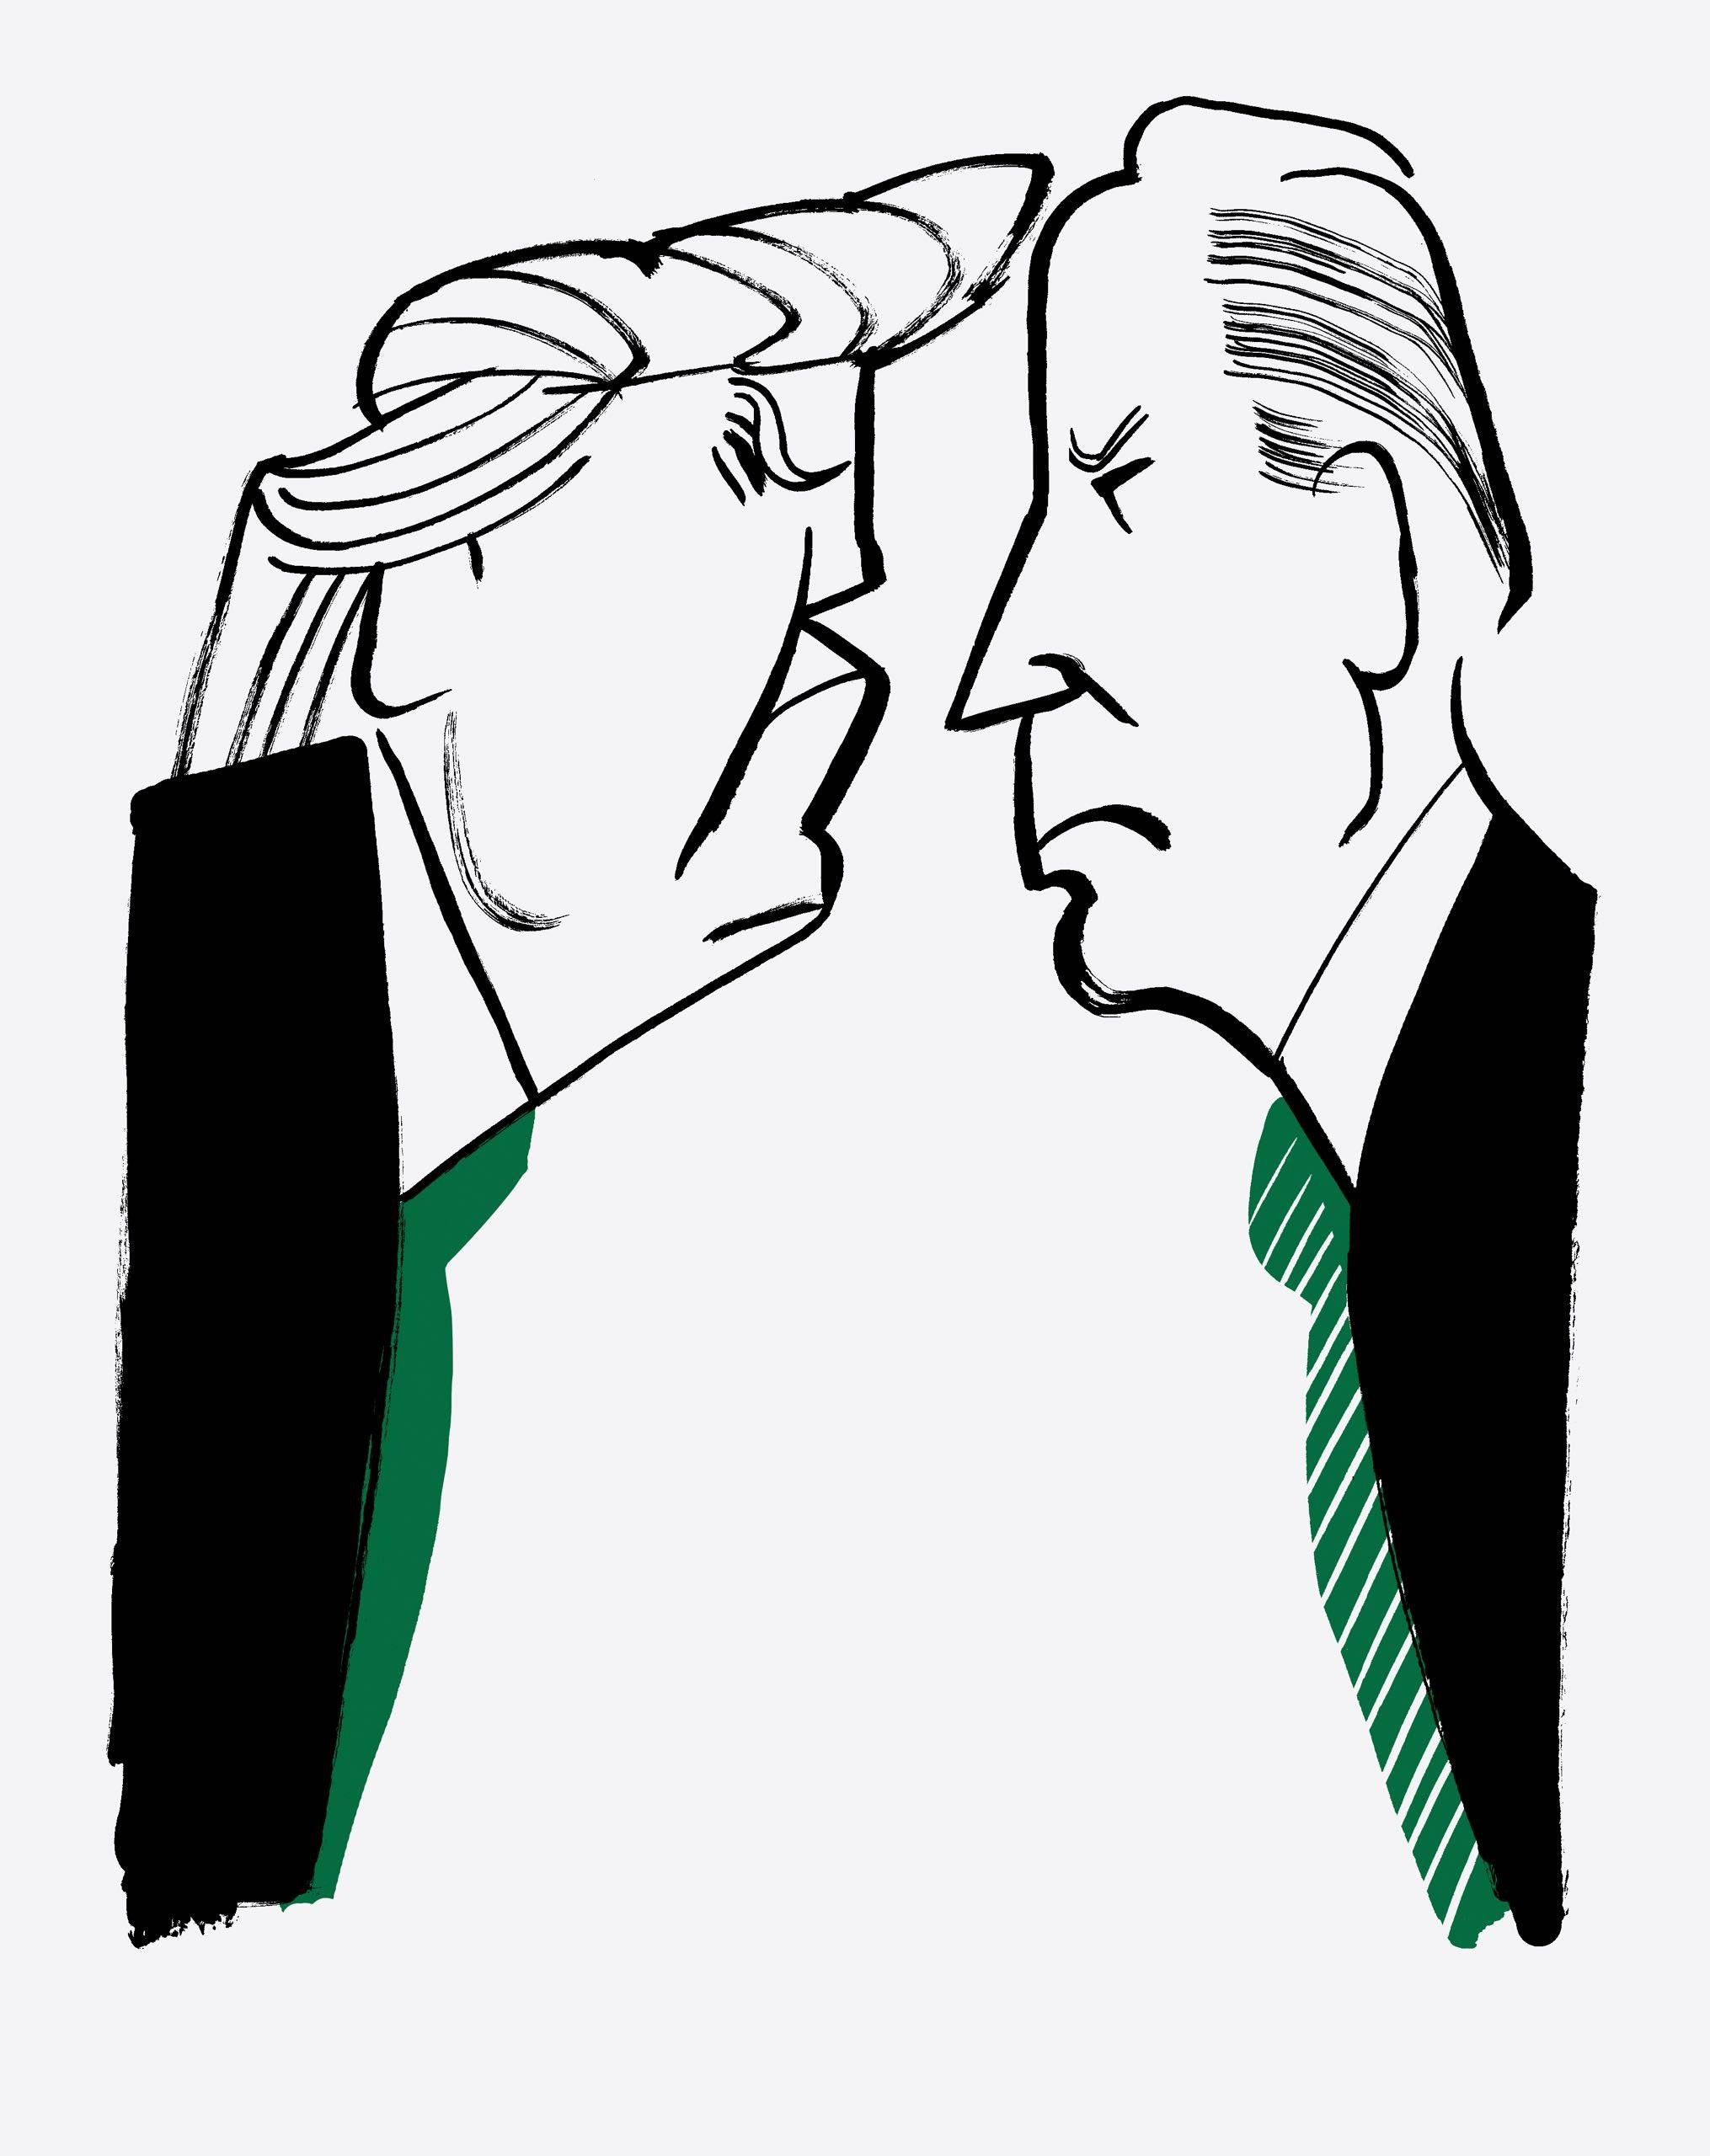 انتخابات نوامبر  ۲۰۲۰ / ریاستجمهوری 2020 آمریکا / دونالدترامپ و جوبایدن